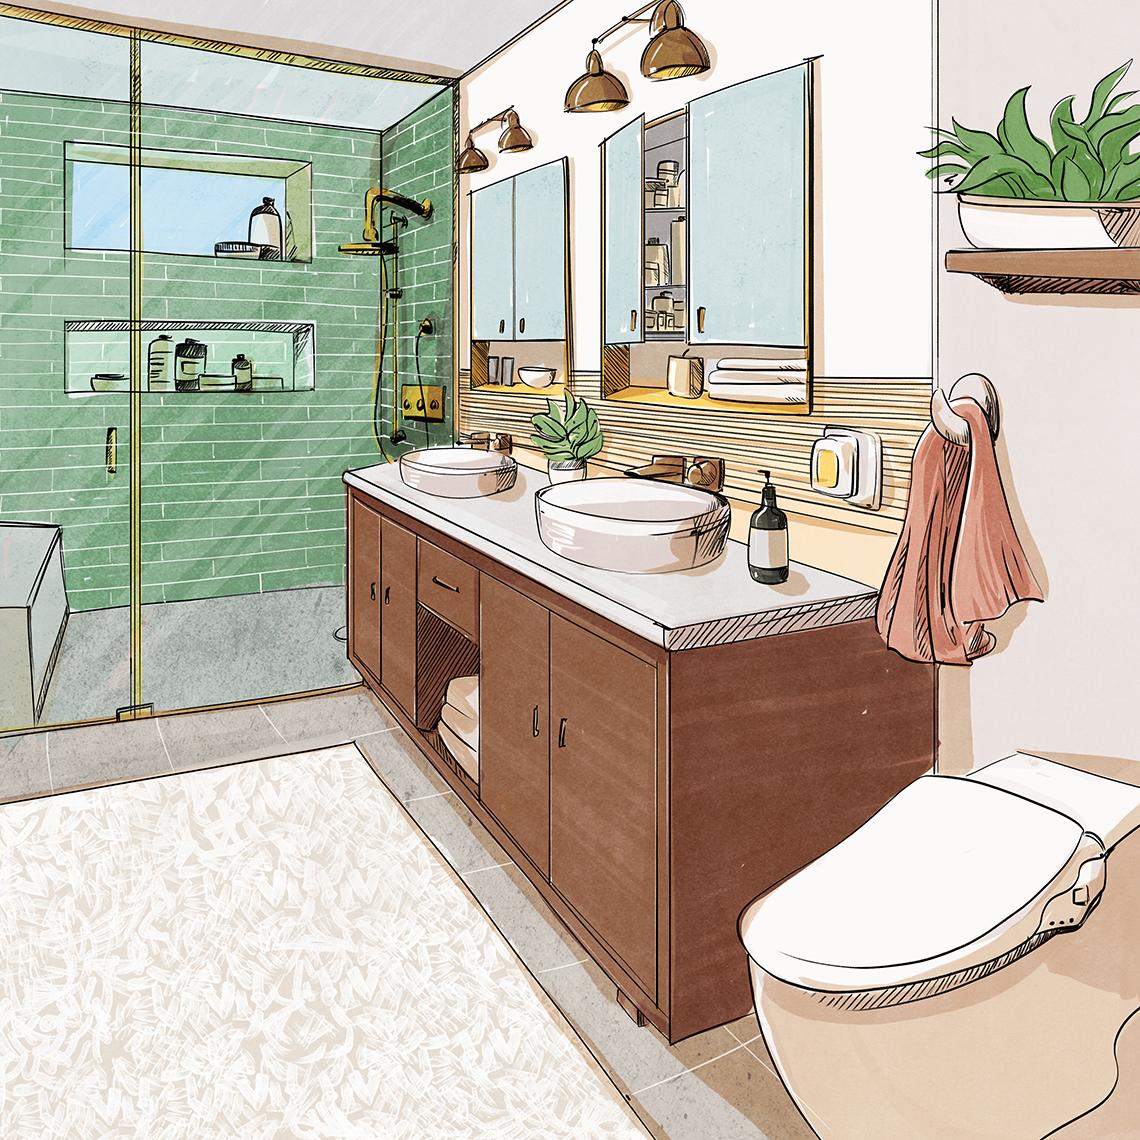 design sketch of a finished bathroom